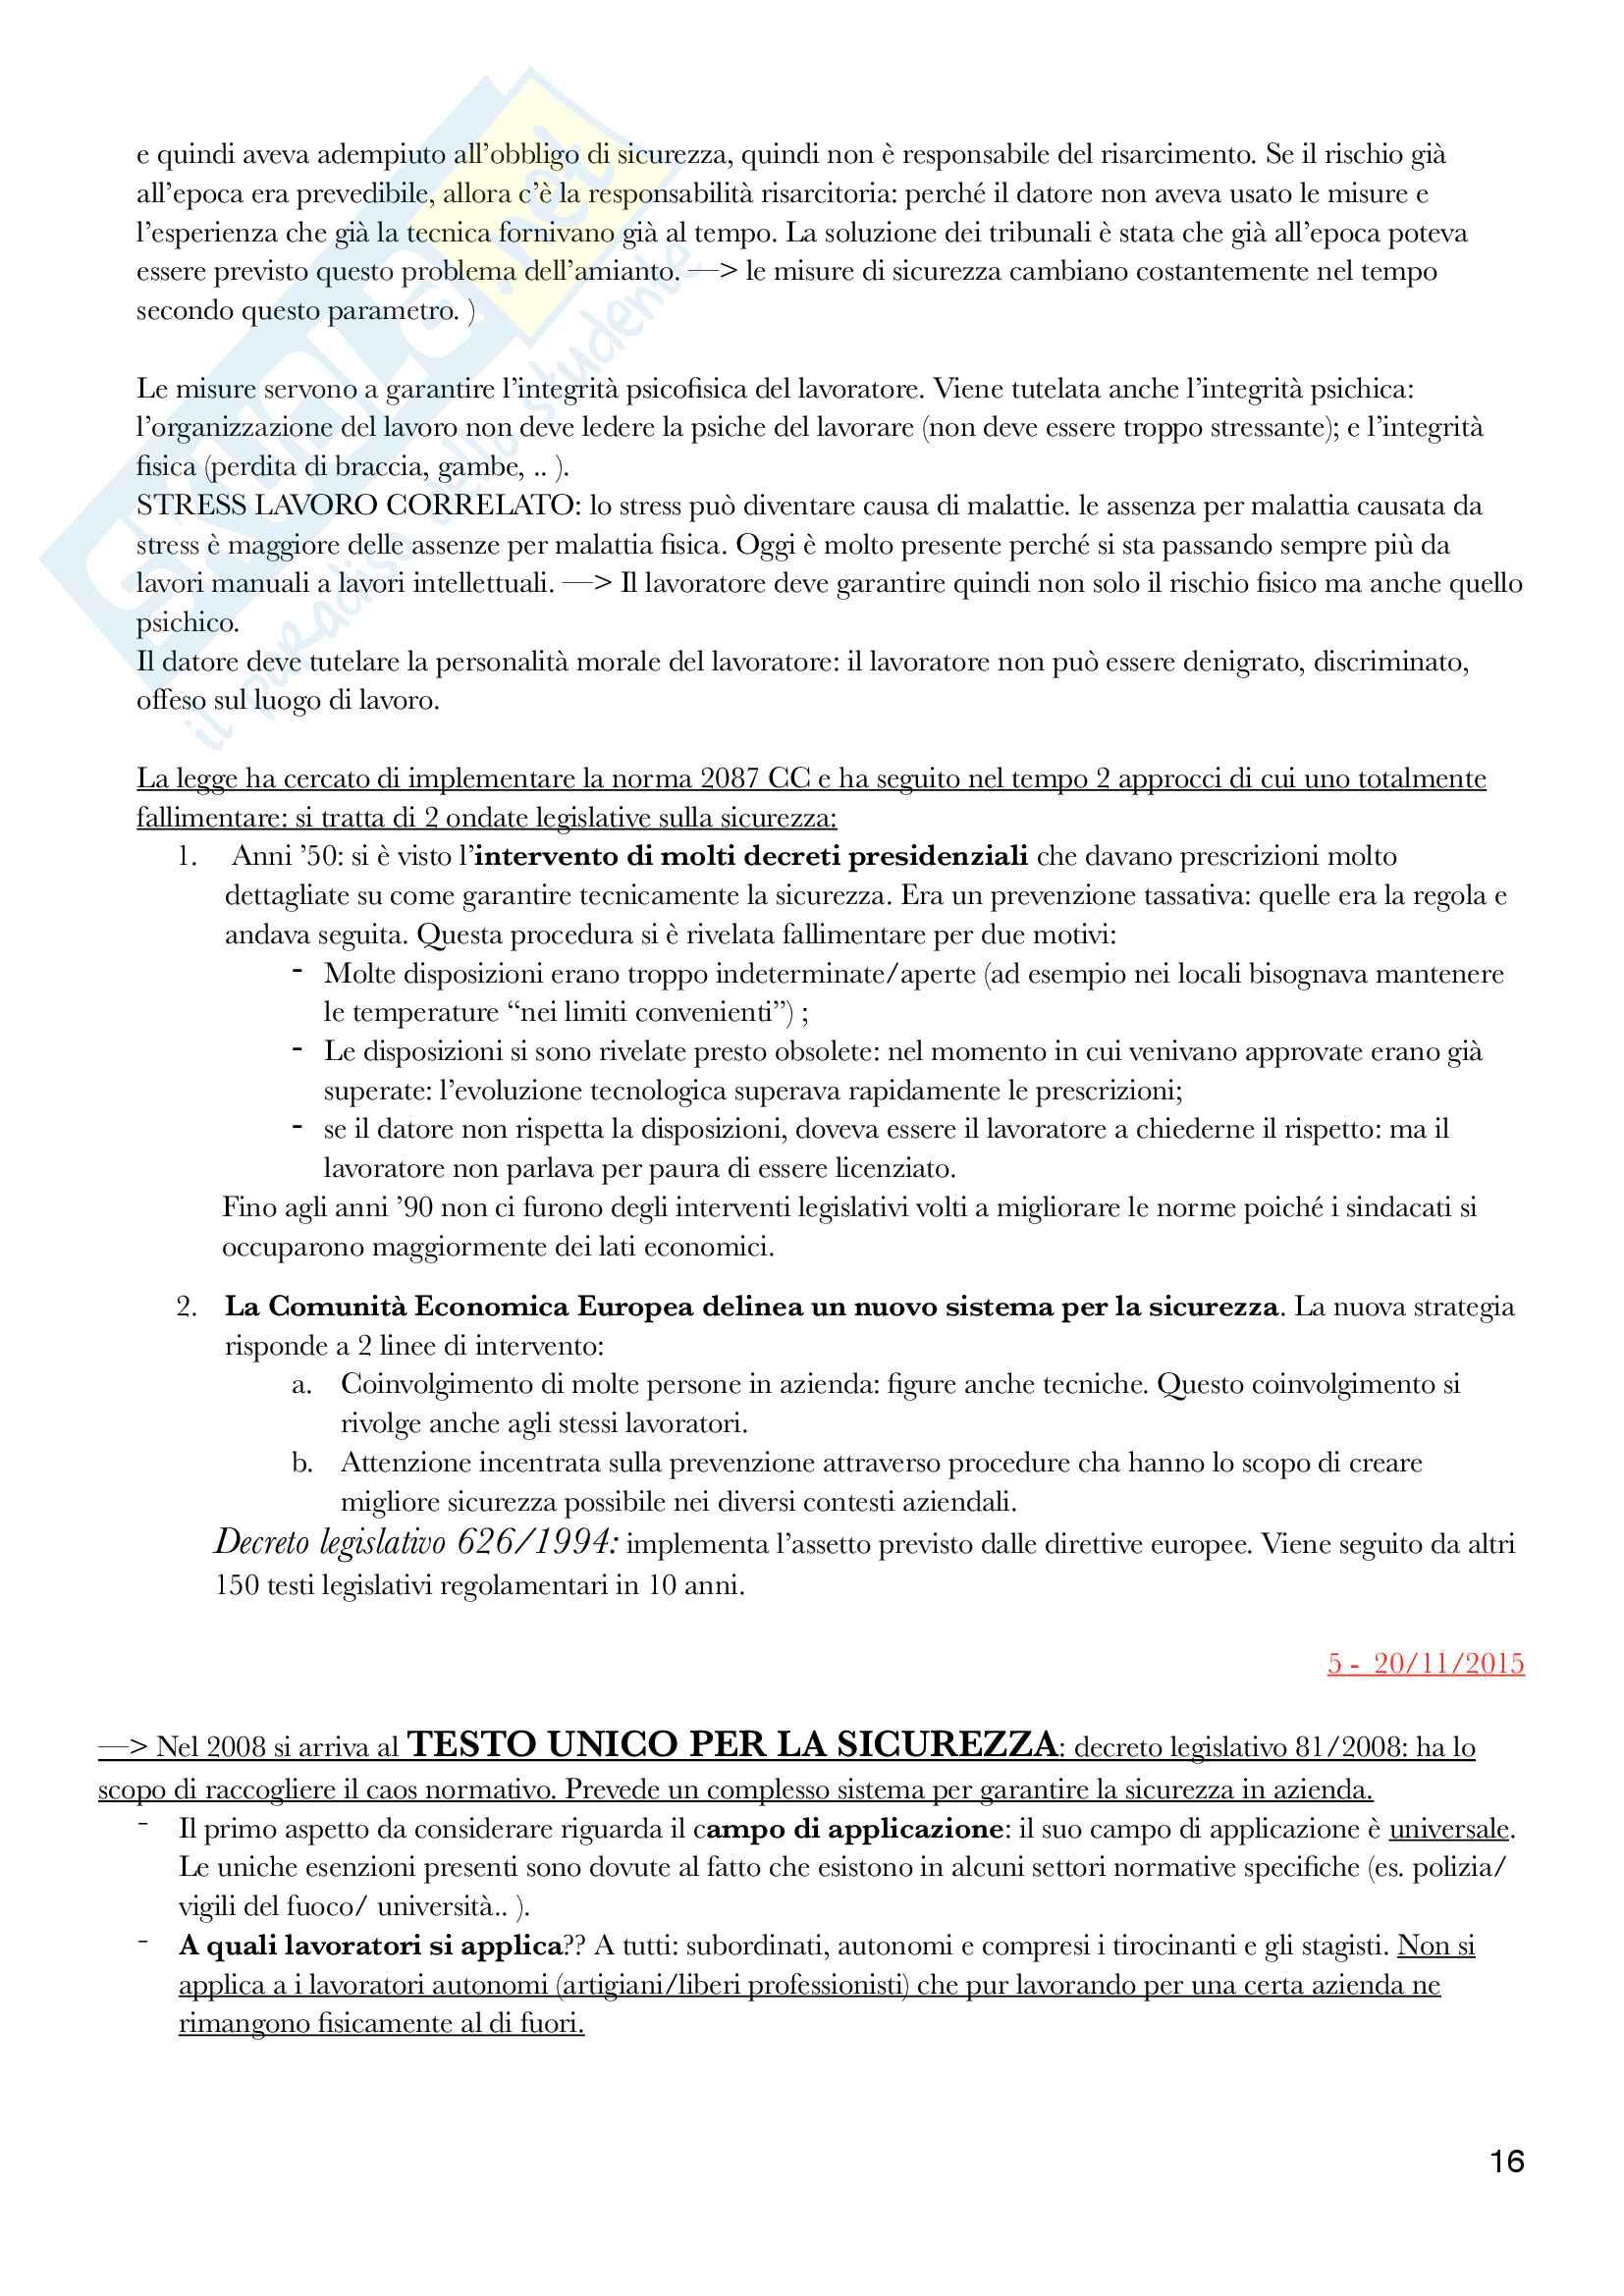 Diritto del lavoro - II Modulo Prof. Emanuele Menegatti. Appunti presi a lezione. Pag. 16